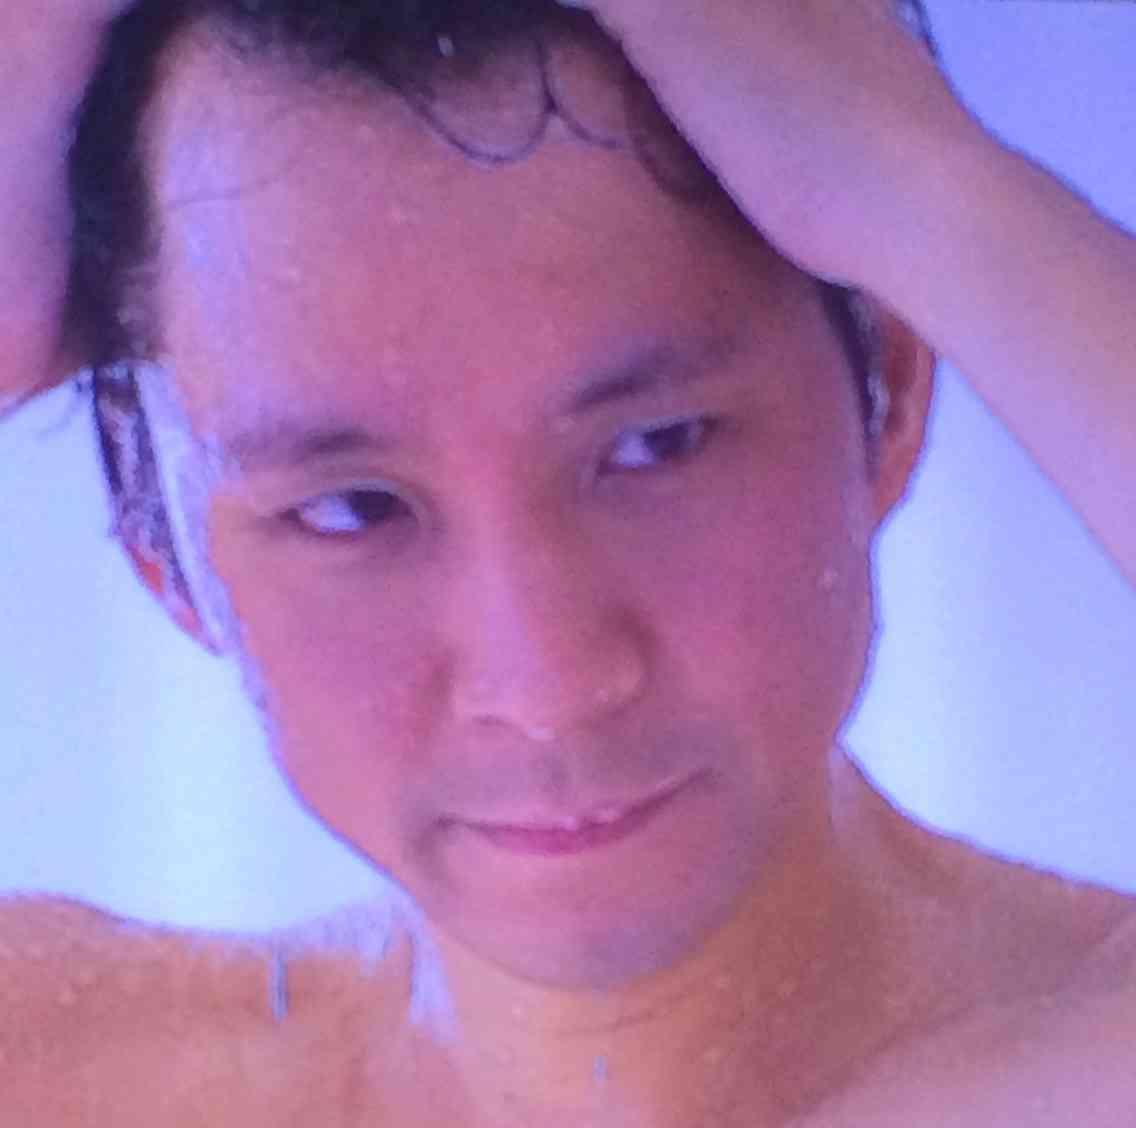 髪の毛の少ない芸能人 116 YouTube動画>3本 ->画像>353枚